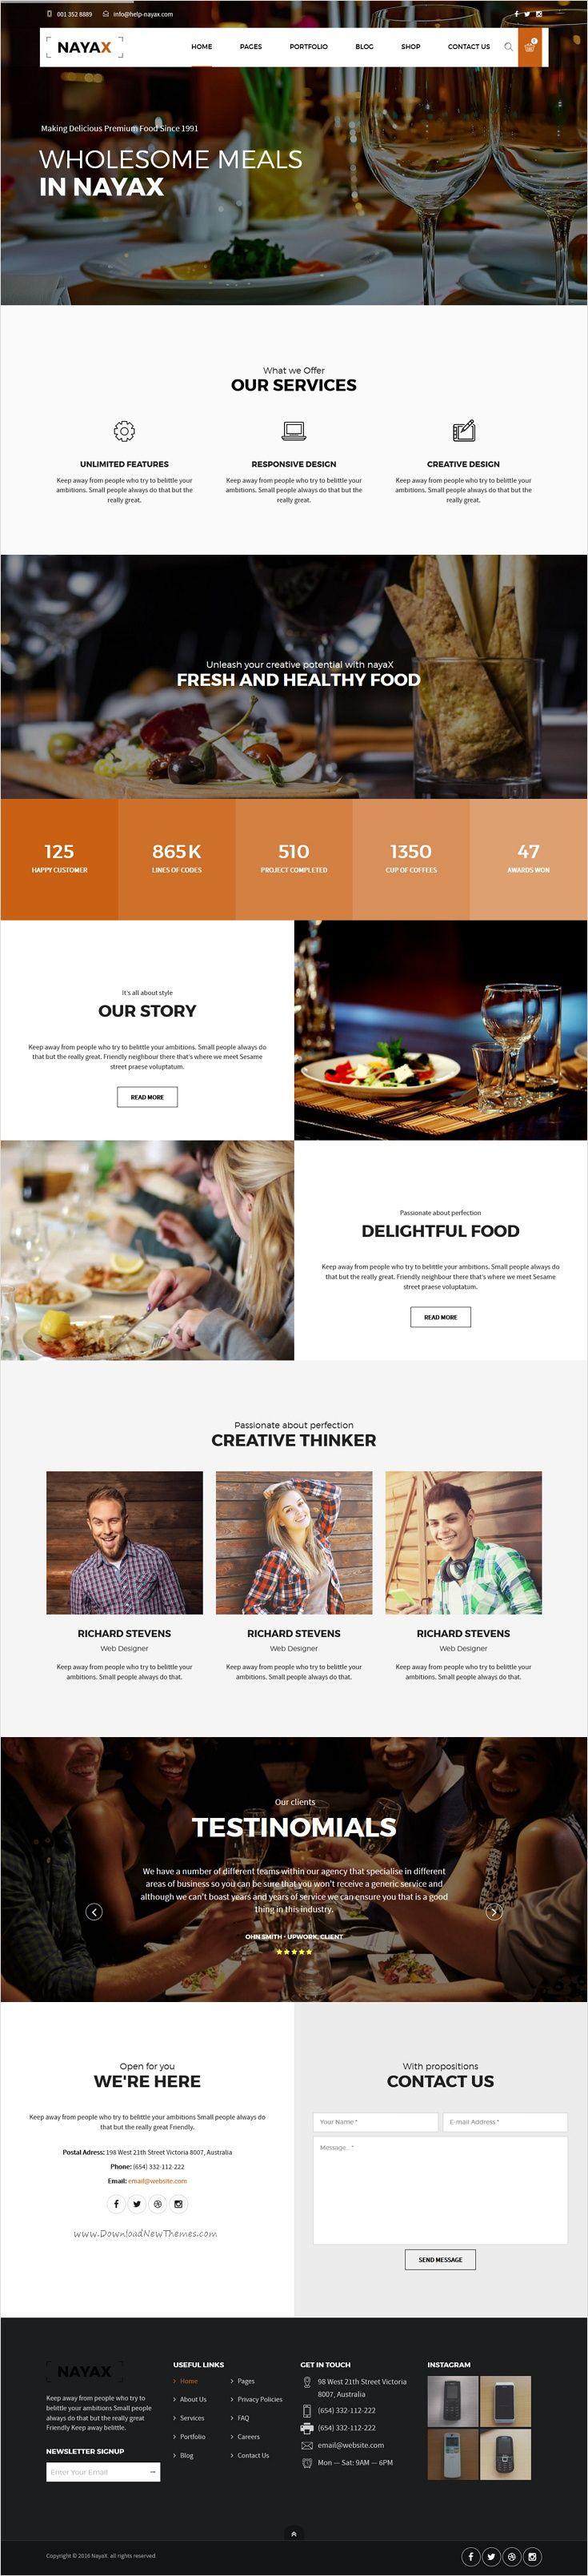 526 best Design images on Pinterest